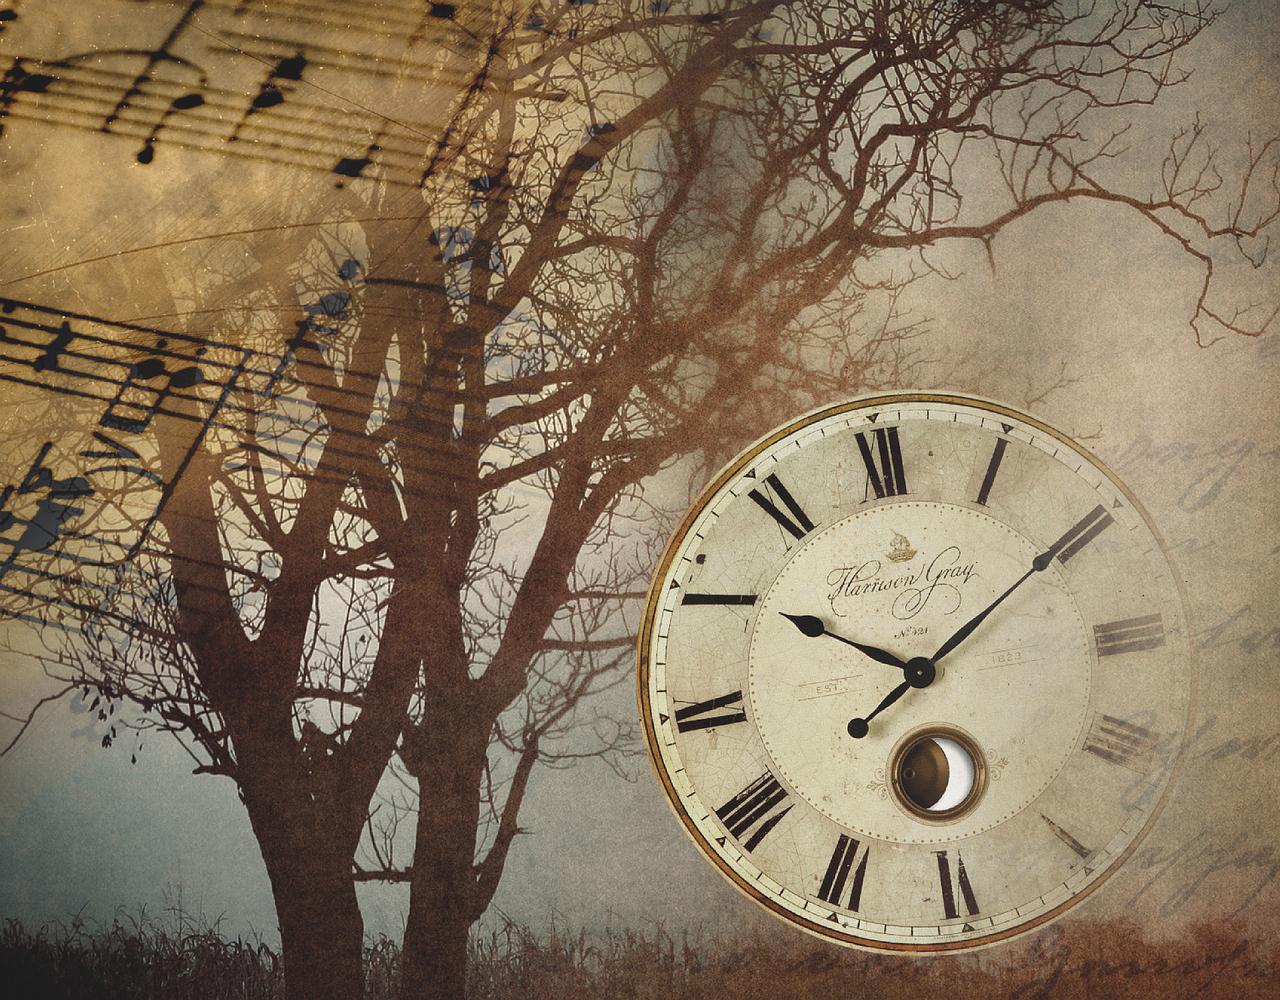 le blues du dimanche soir n'est pas toujours indicateur d'une nécessité de reconversion